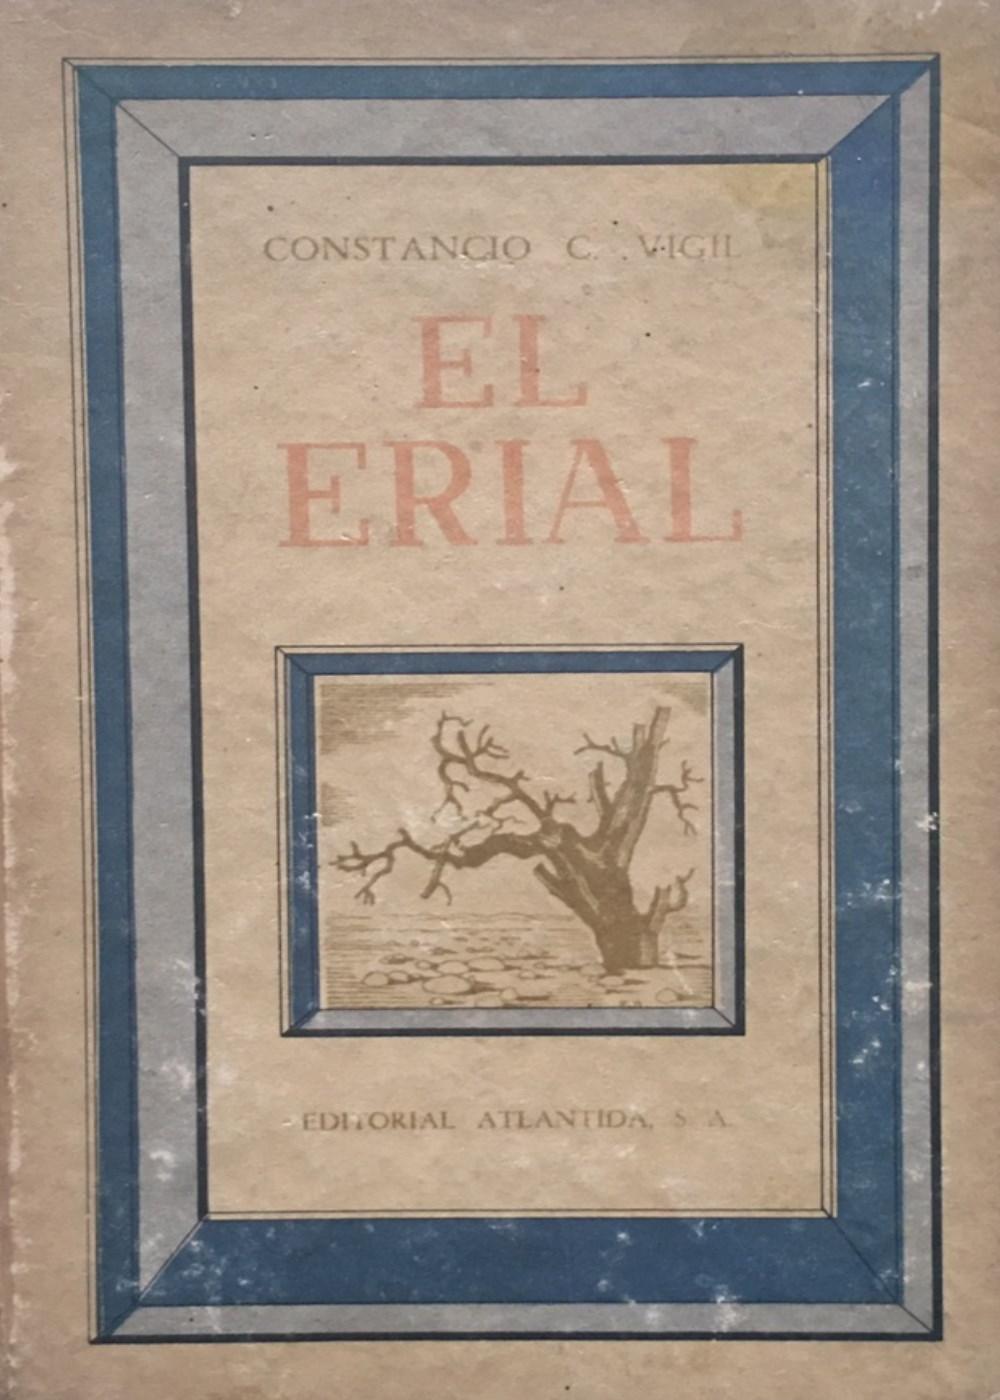 El Erial